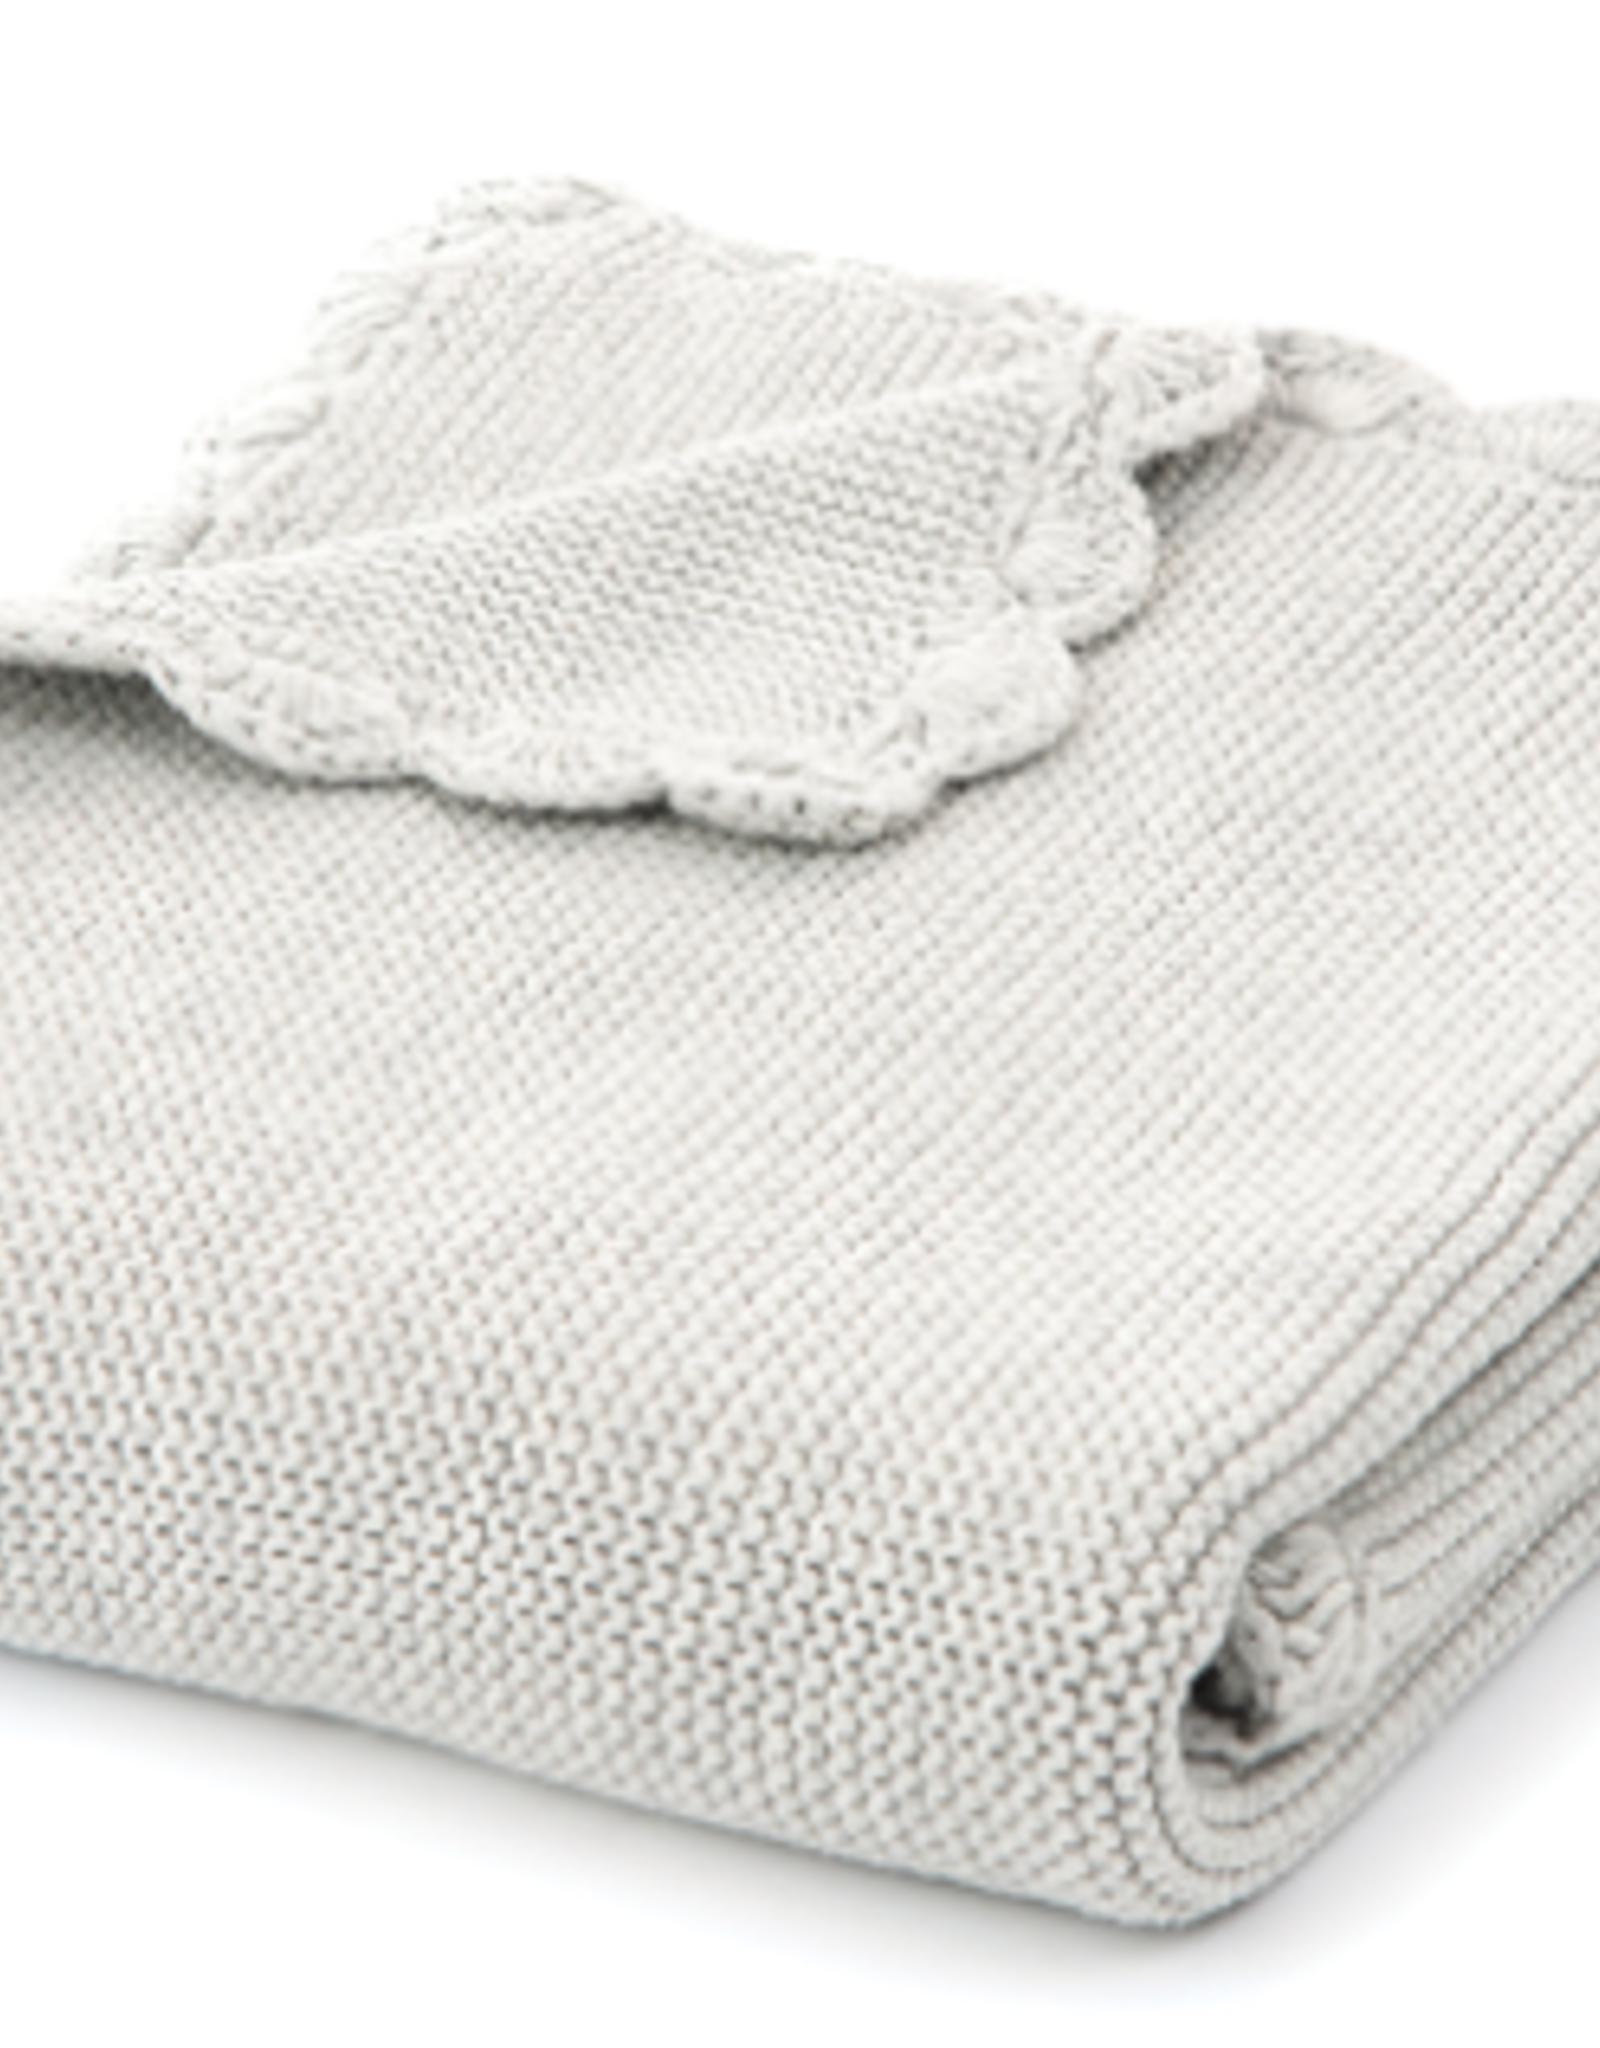 Aladin couverture gris bébé                              32x40